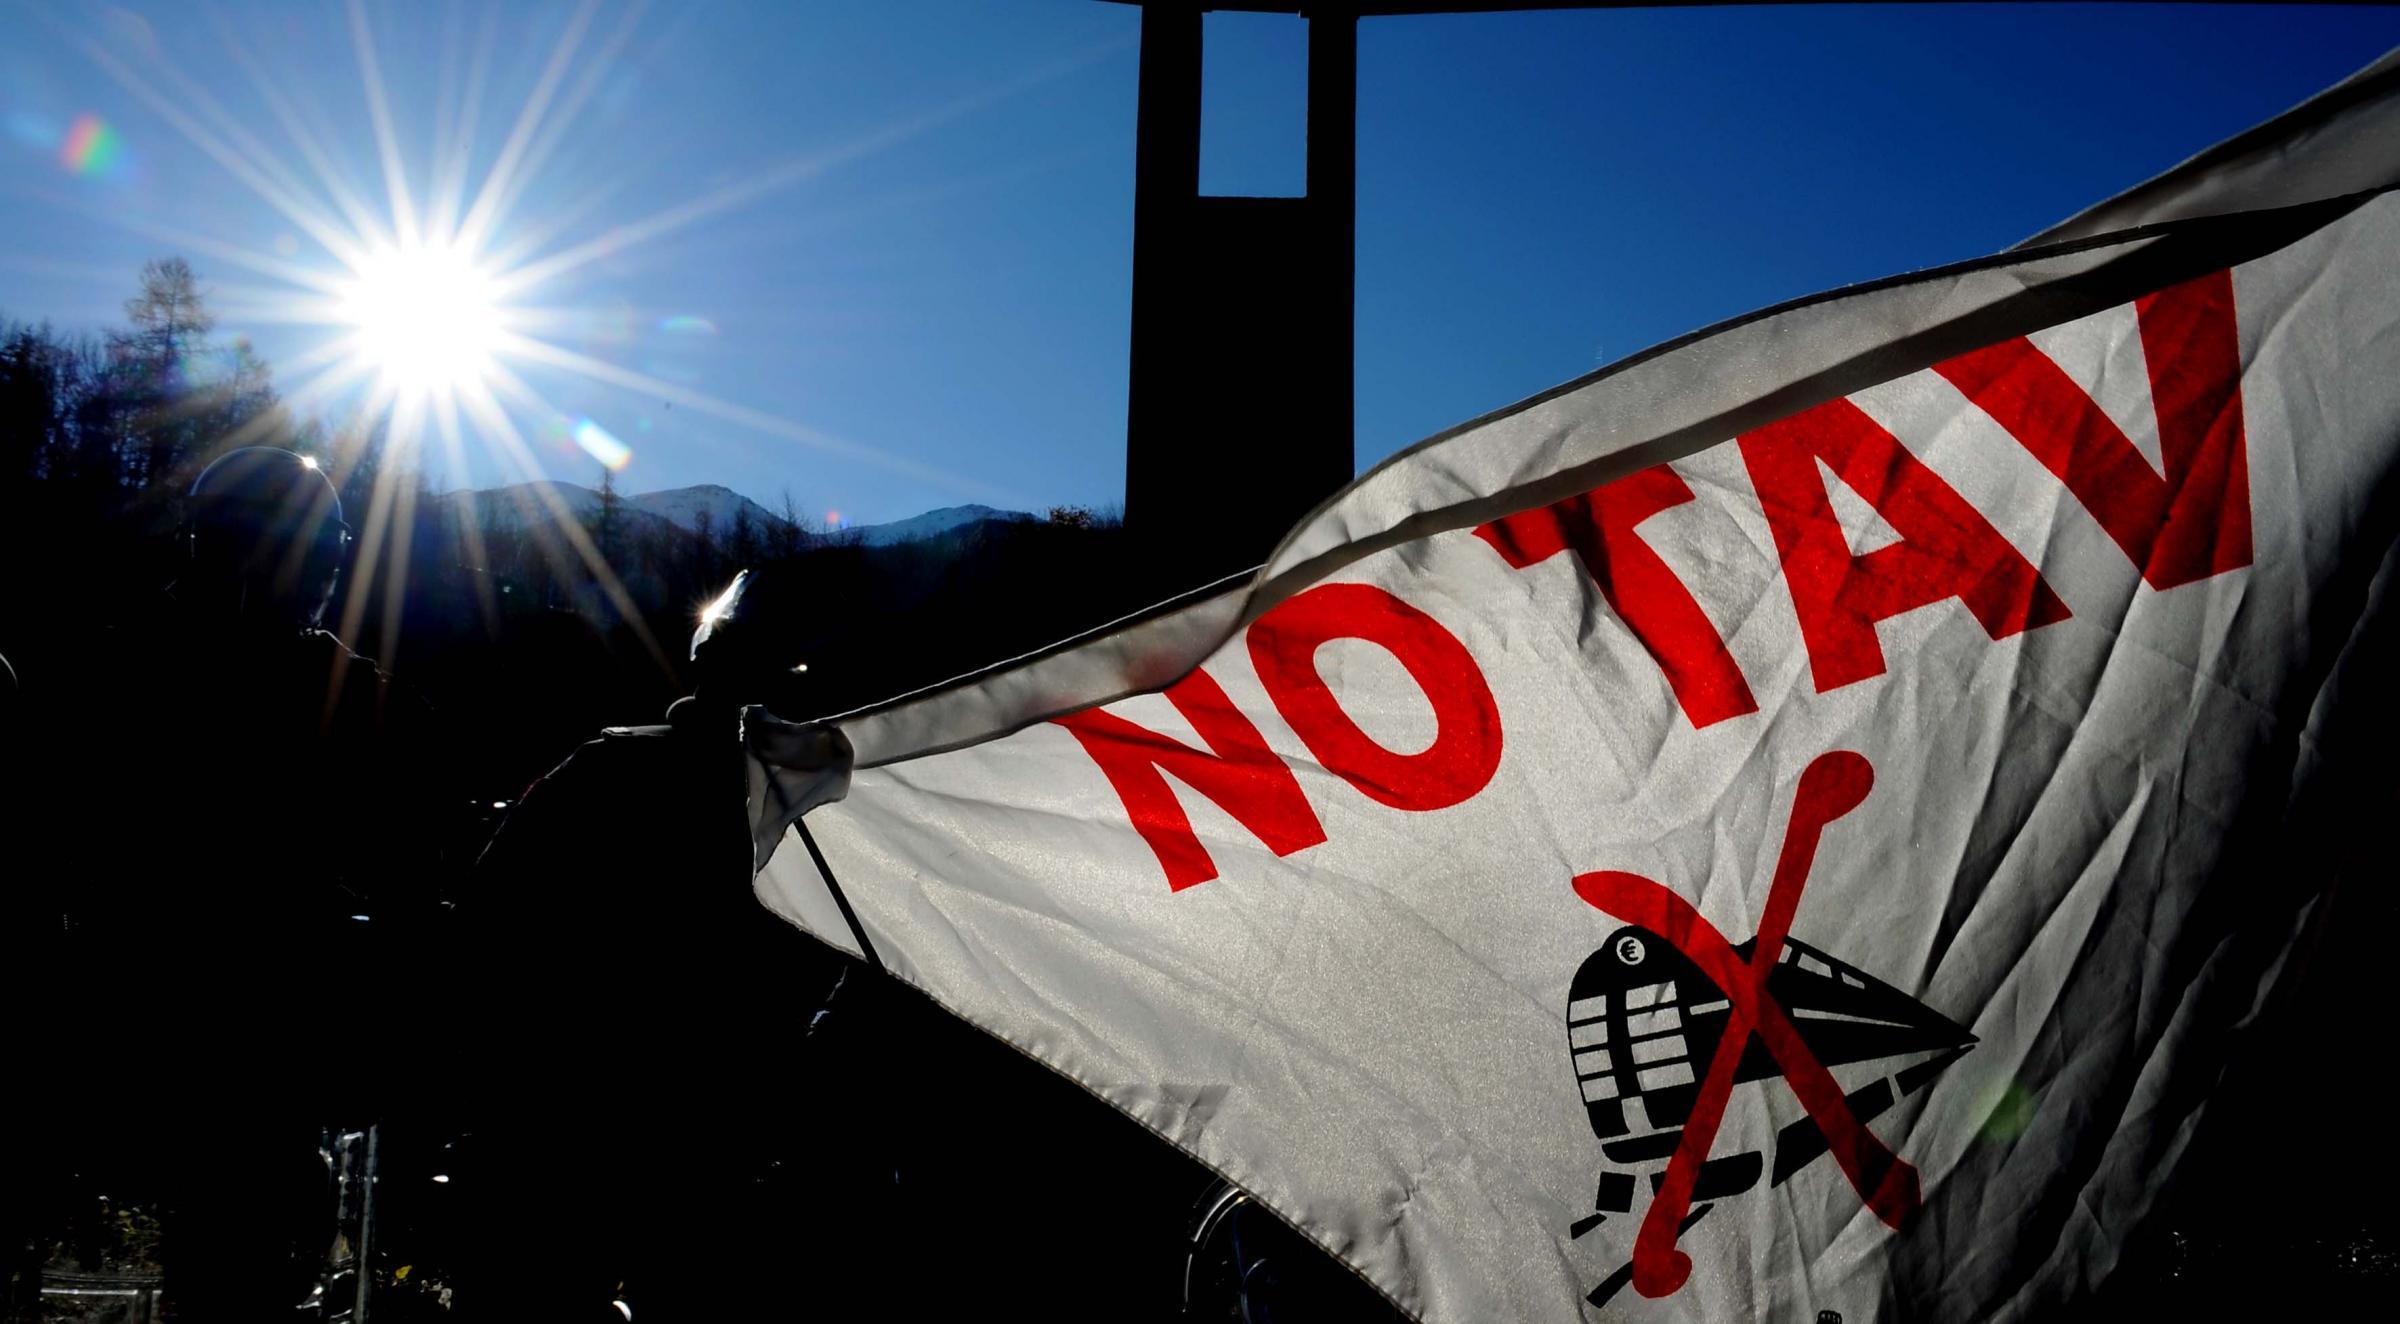 Comunicato di solidarietà ai No Tav Terzo Valico